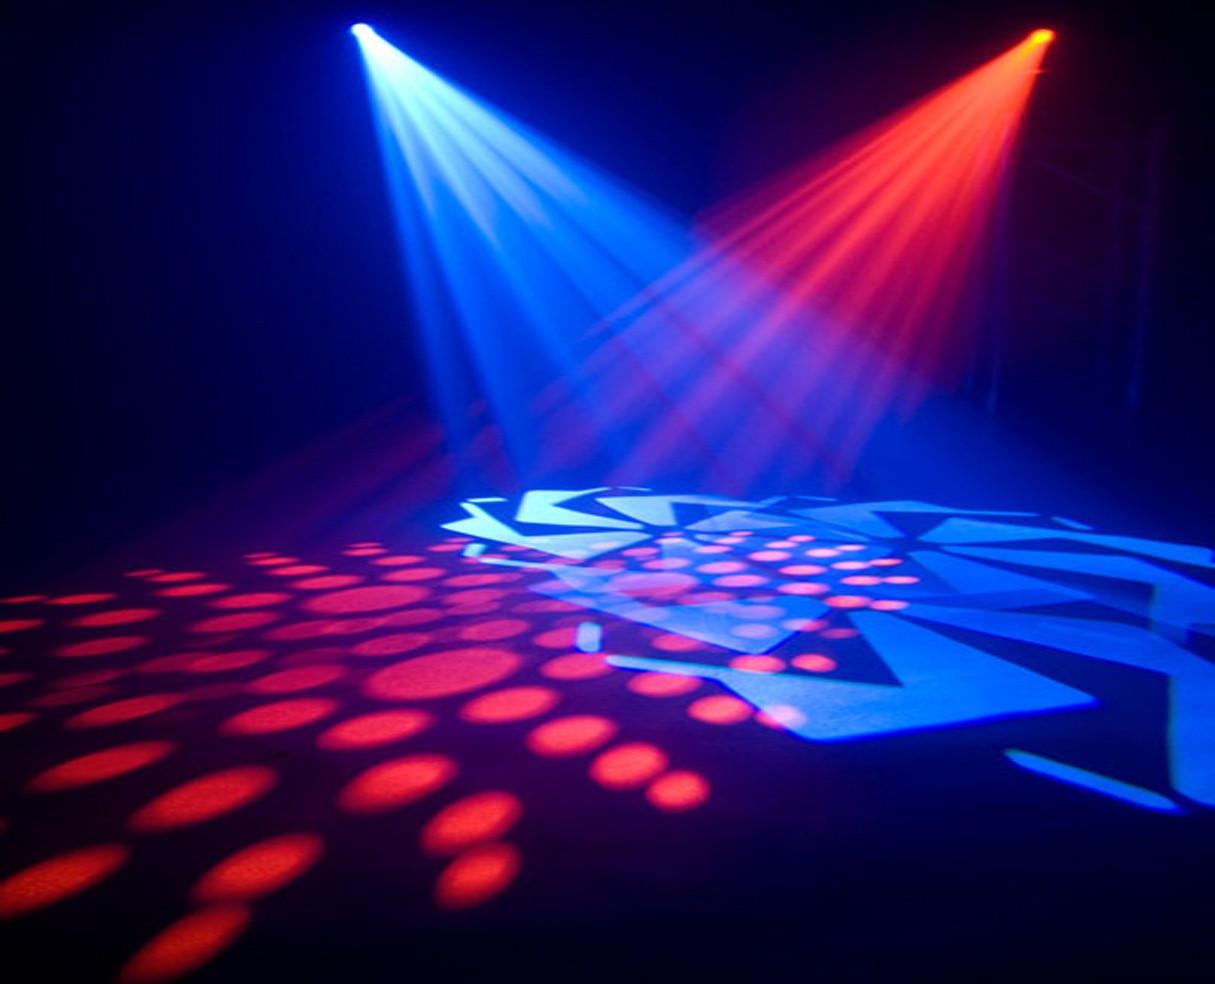 Hình ảnh background ánh sáng